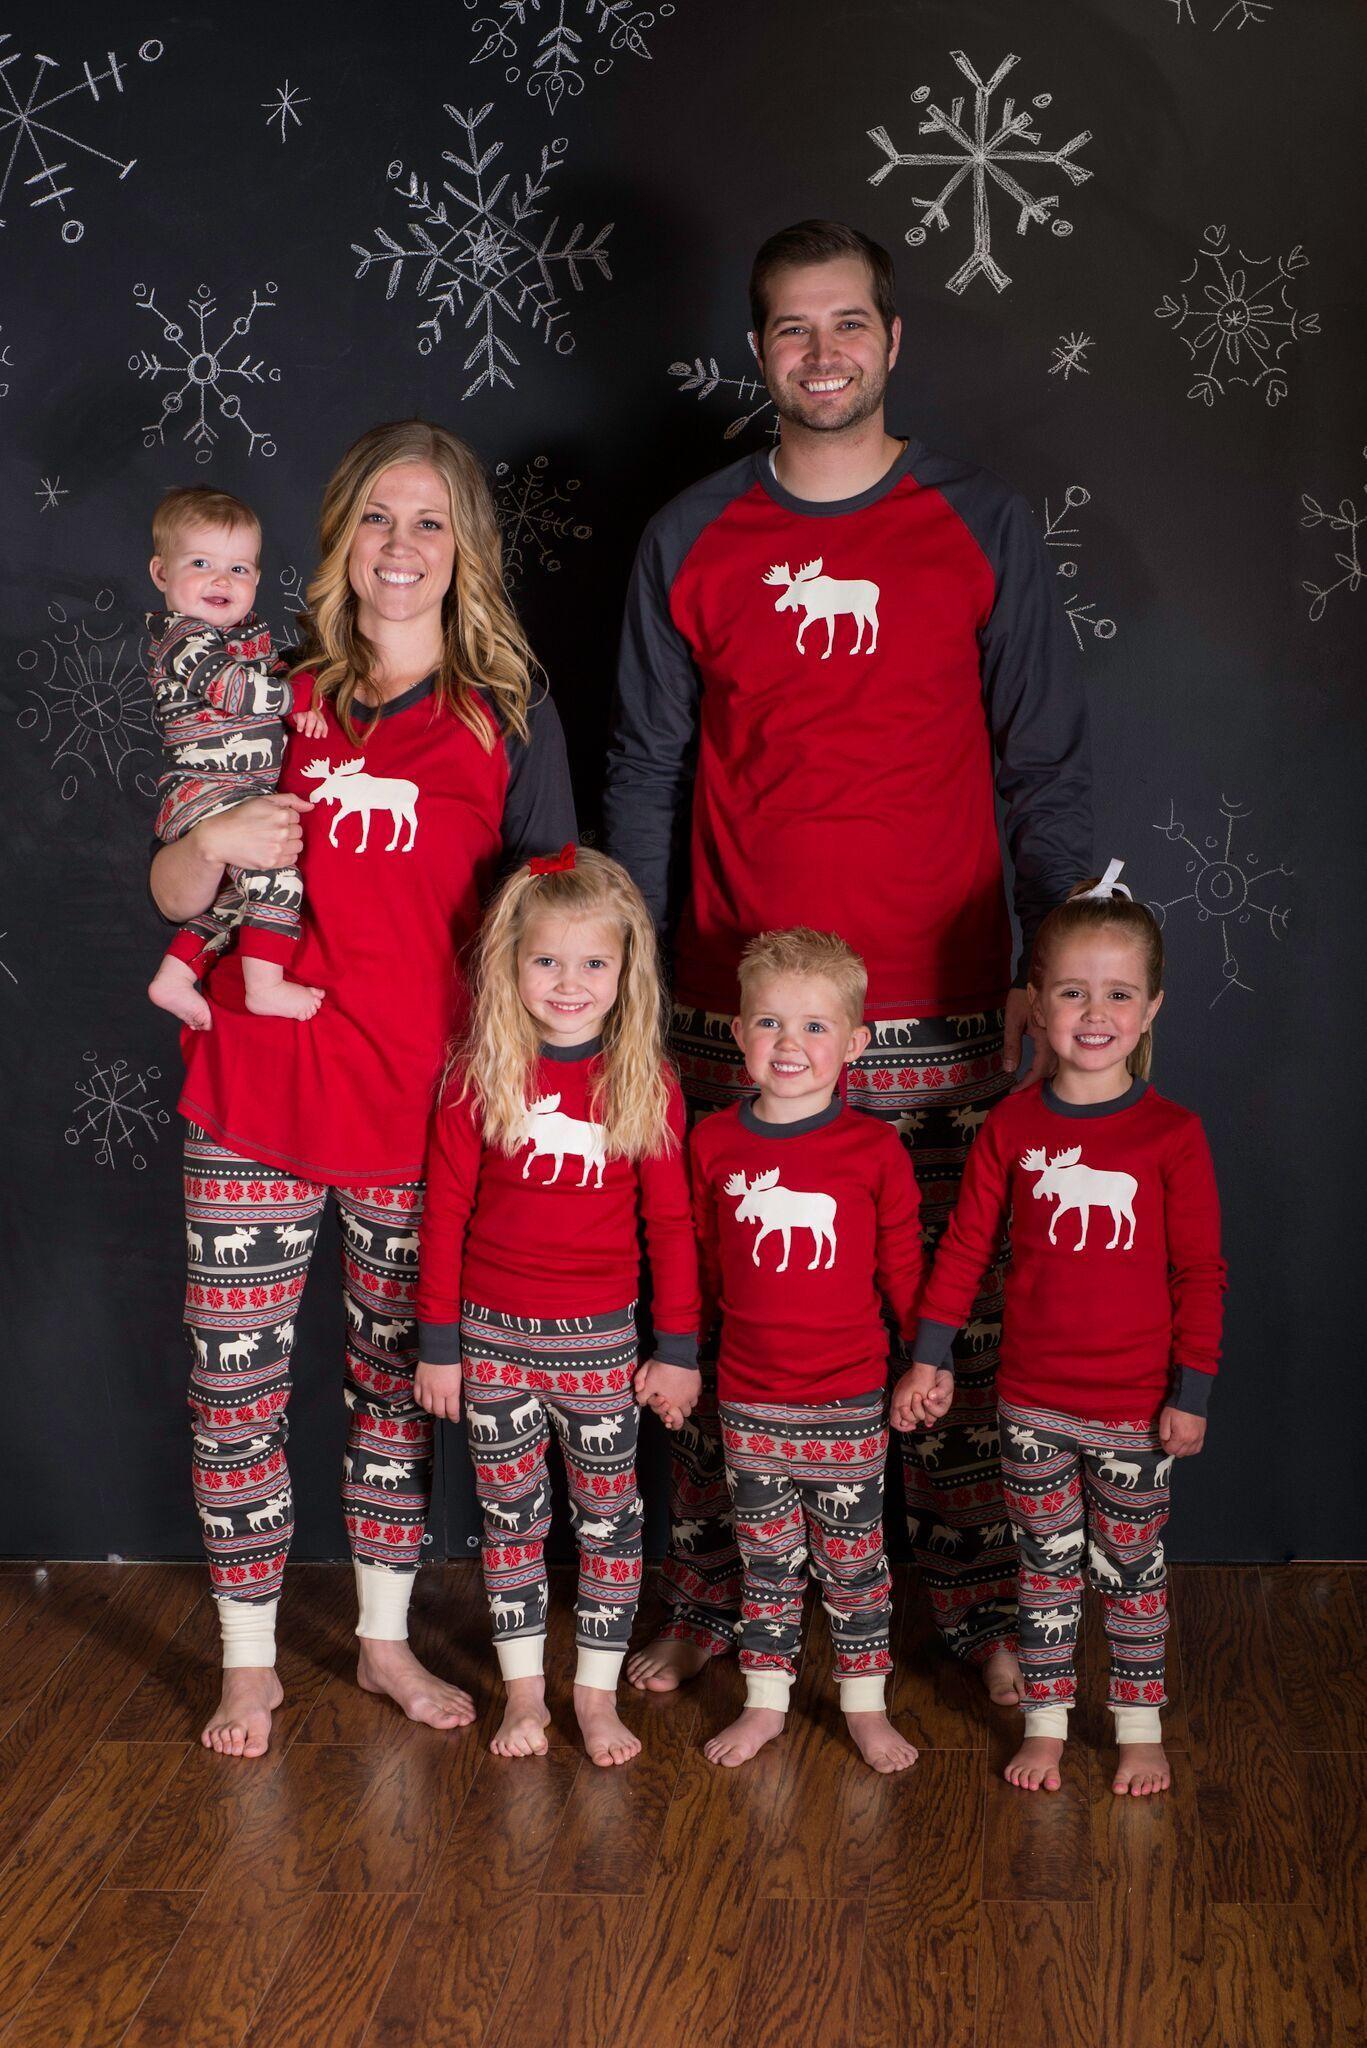 Moose Fair PJ's Family christmas pajamas, Matching